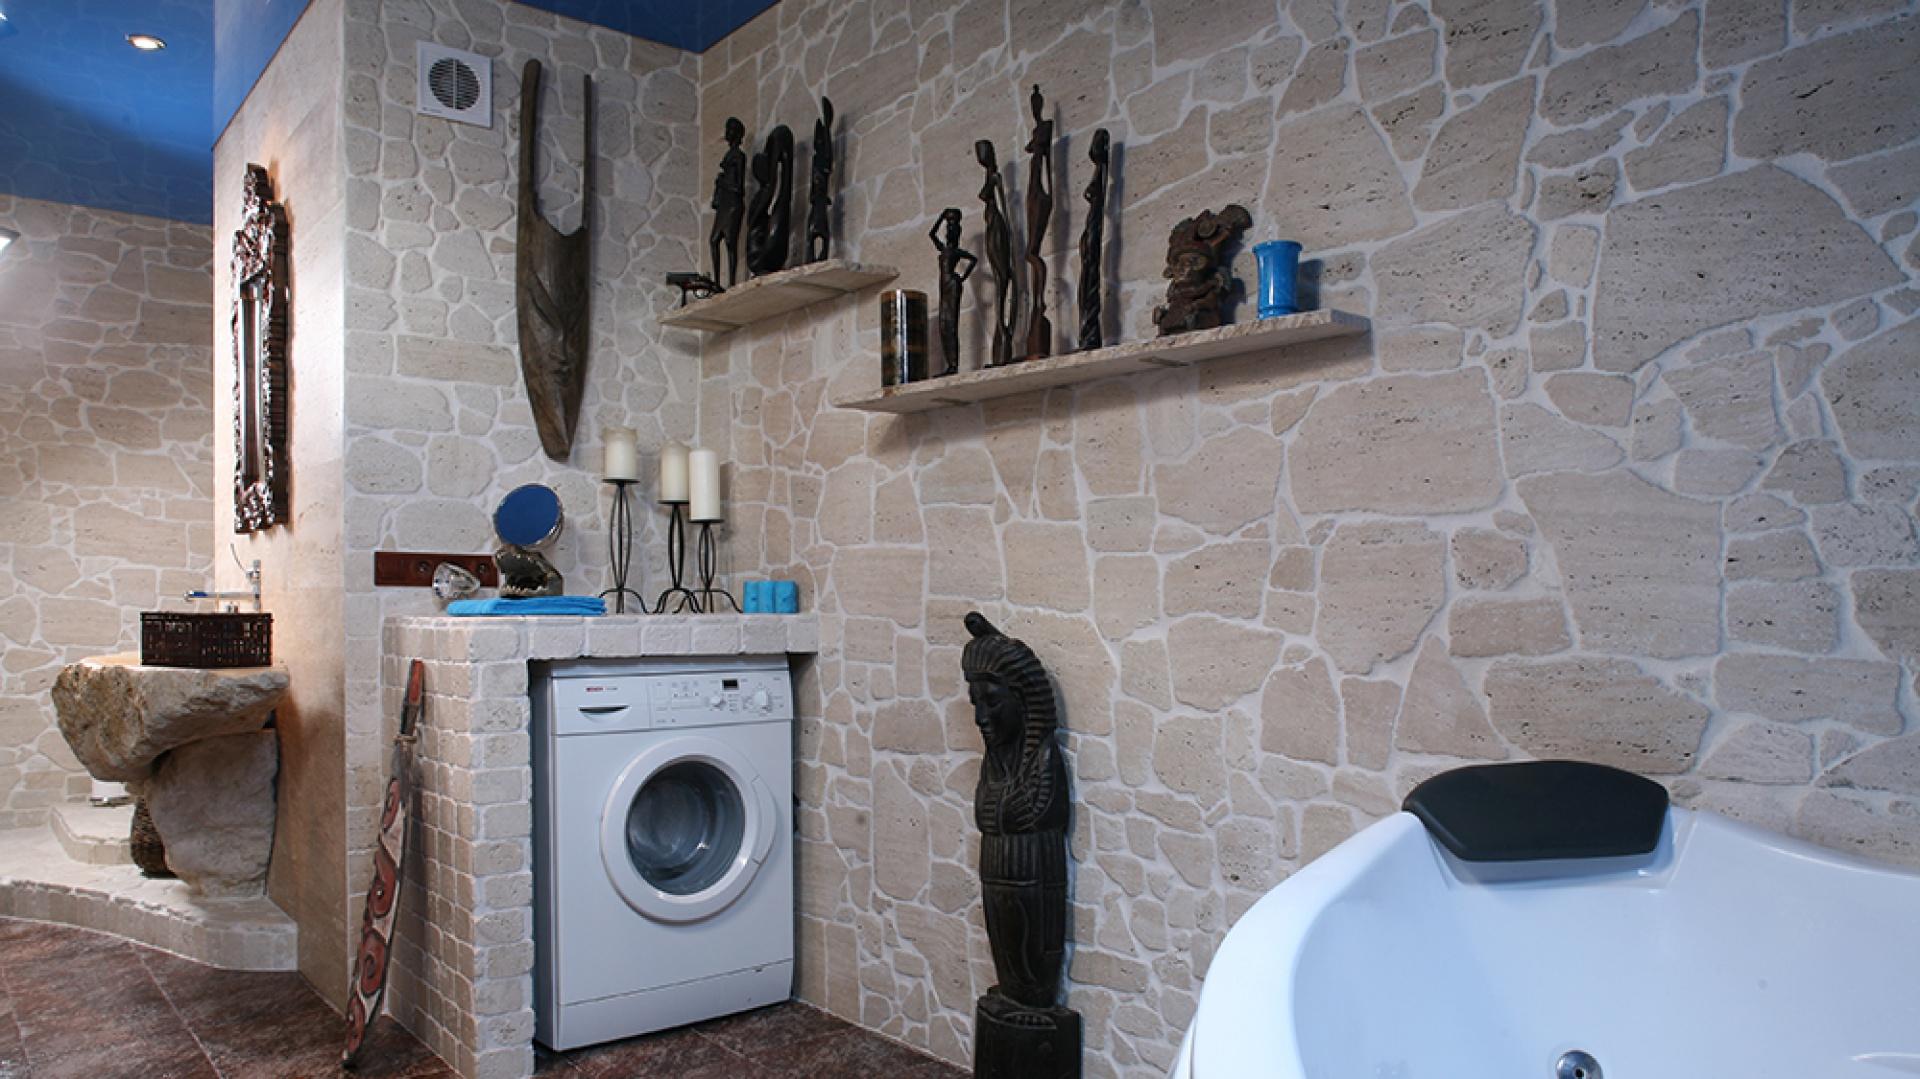 Aby pralka nie zakłócała swym prozaicznym widokiem artystycznej całości, obudowano ją trawertynowymi ściankami. Dodatkowy efekt – półka na świece. Fot. Bartosz Jarosz.